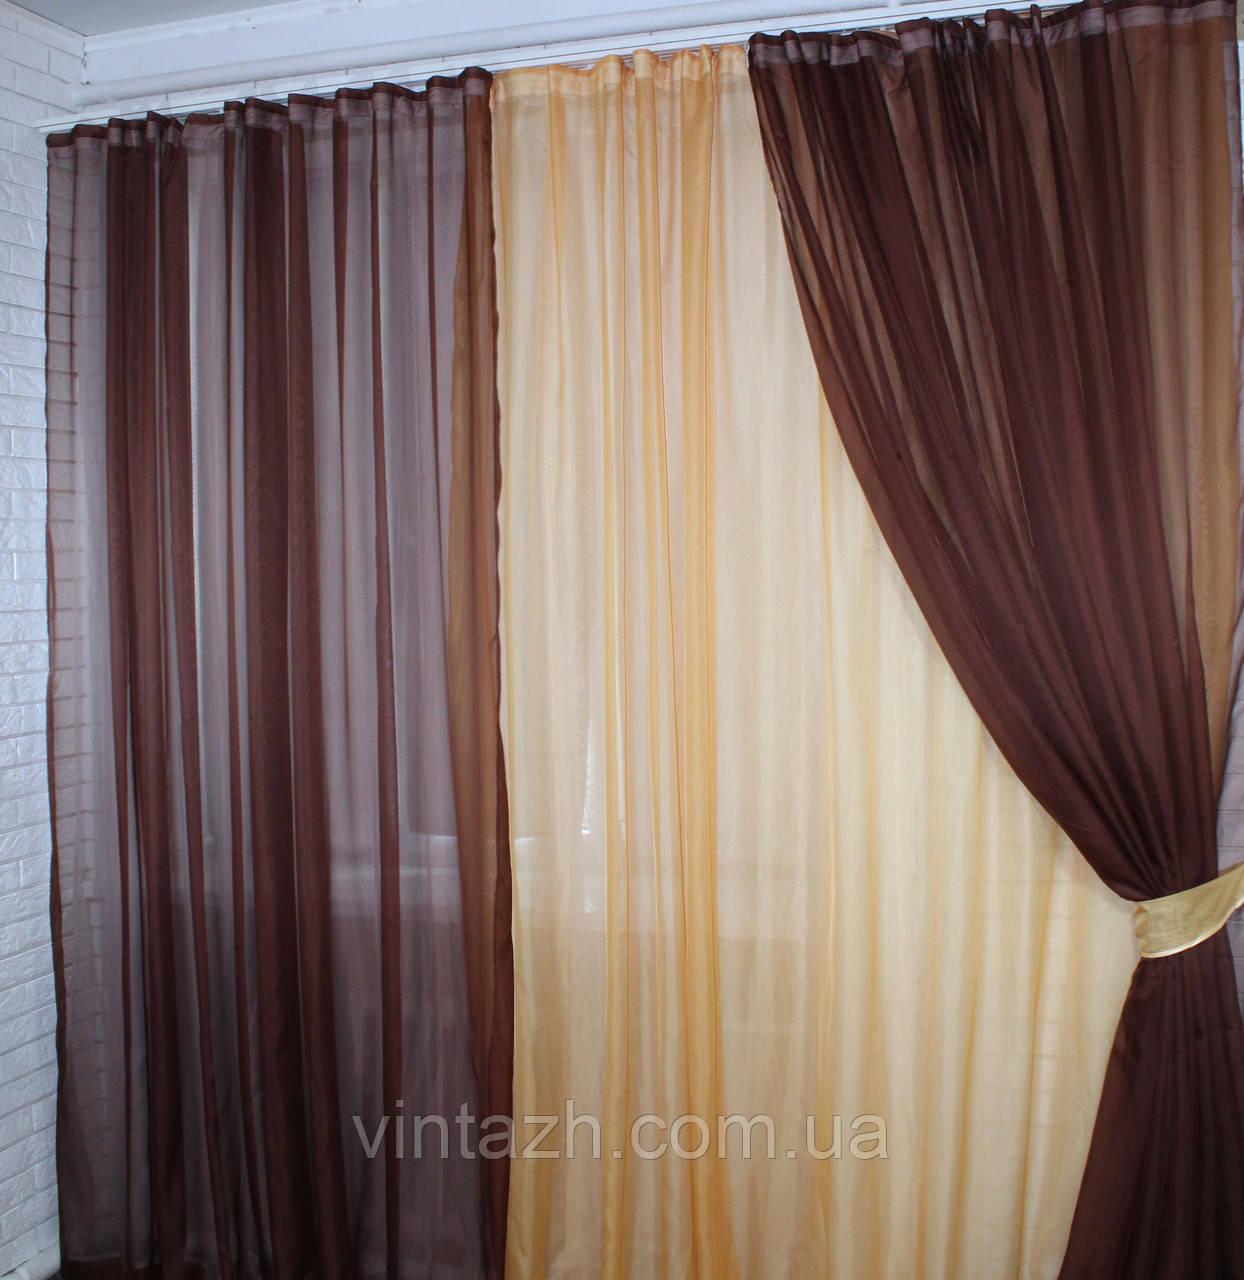 Воздушные красивые шторы от производителя в интернет магазине